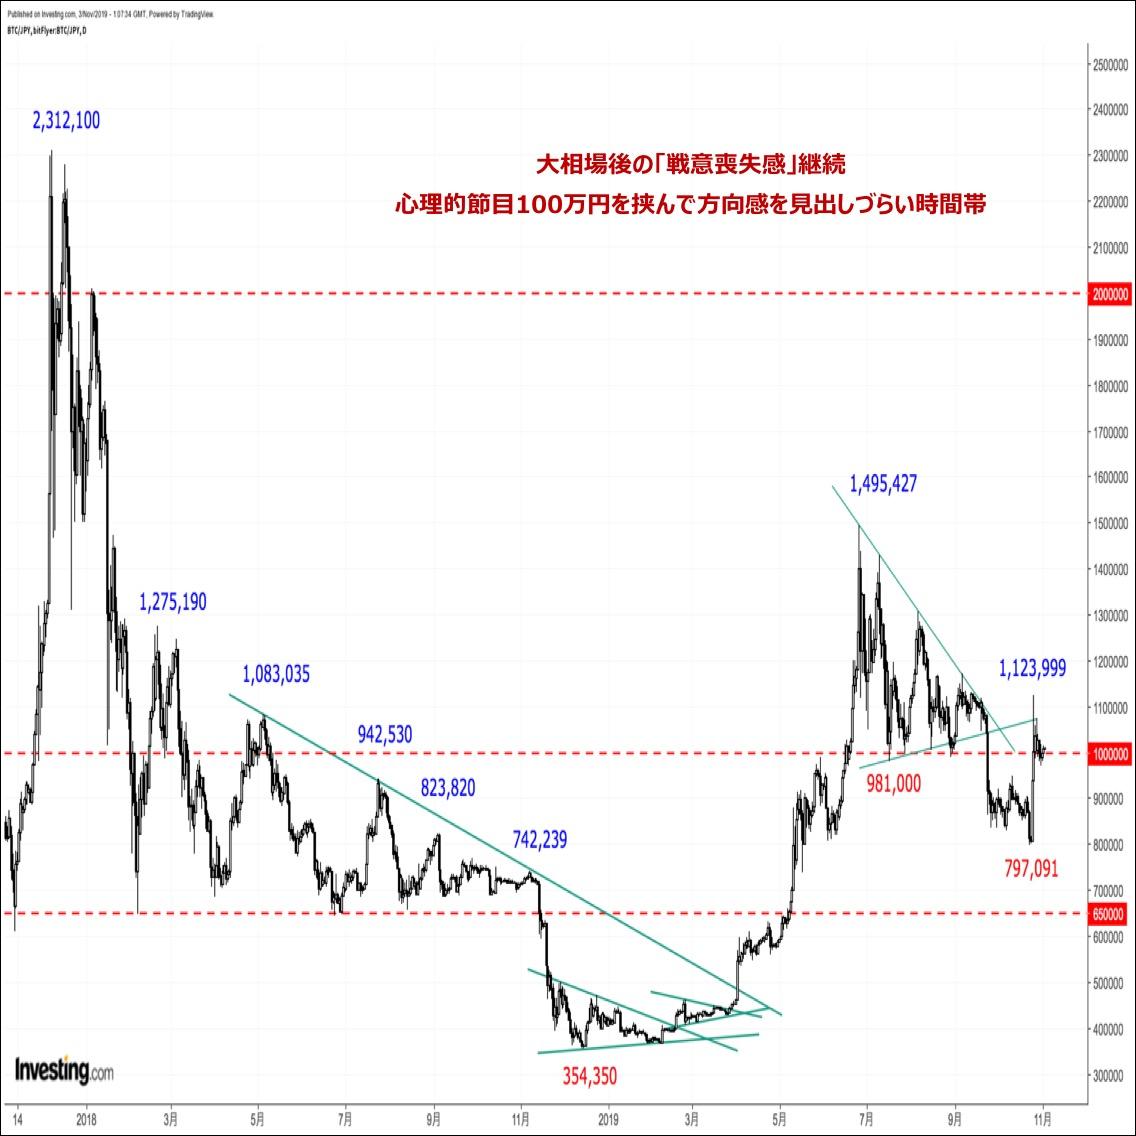 ビットコインの価格分析『フィボナッチ半値押しで底固め。上昇トレンド再開に期待』(19/11/4)